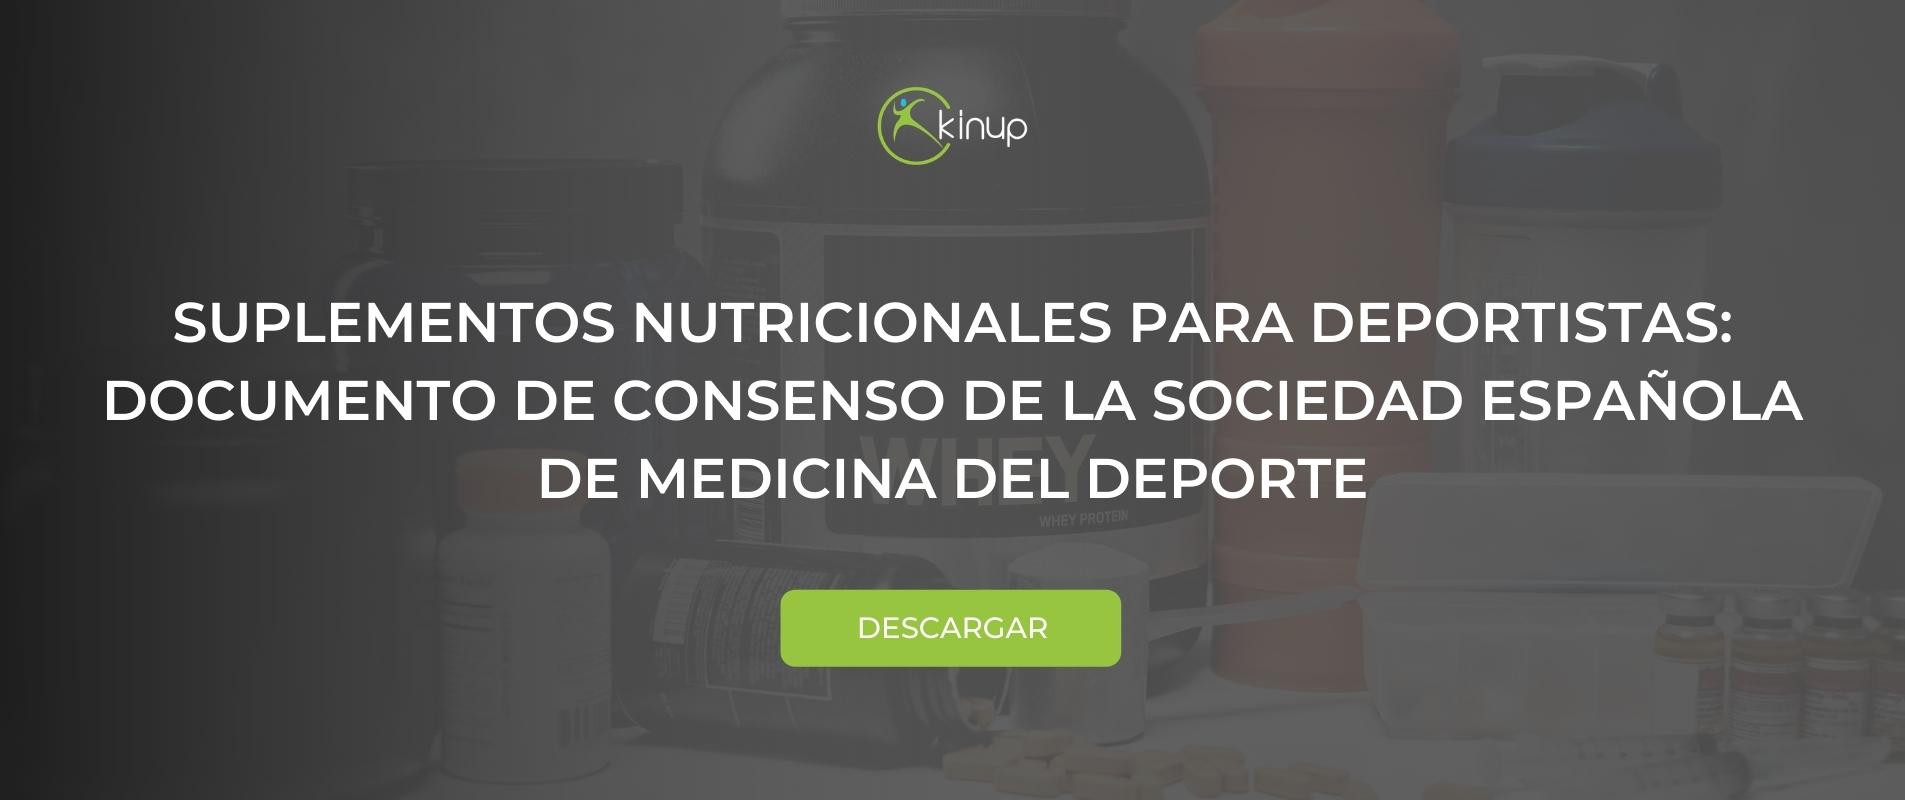 Suplementos nutricionales para deportistas